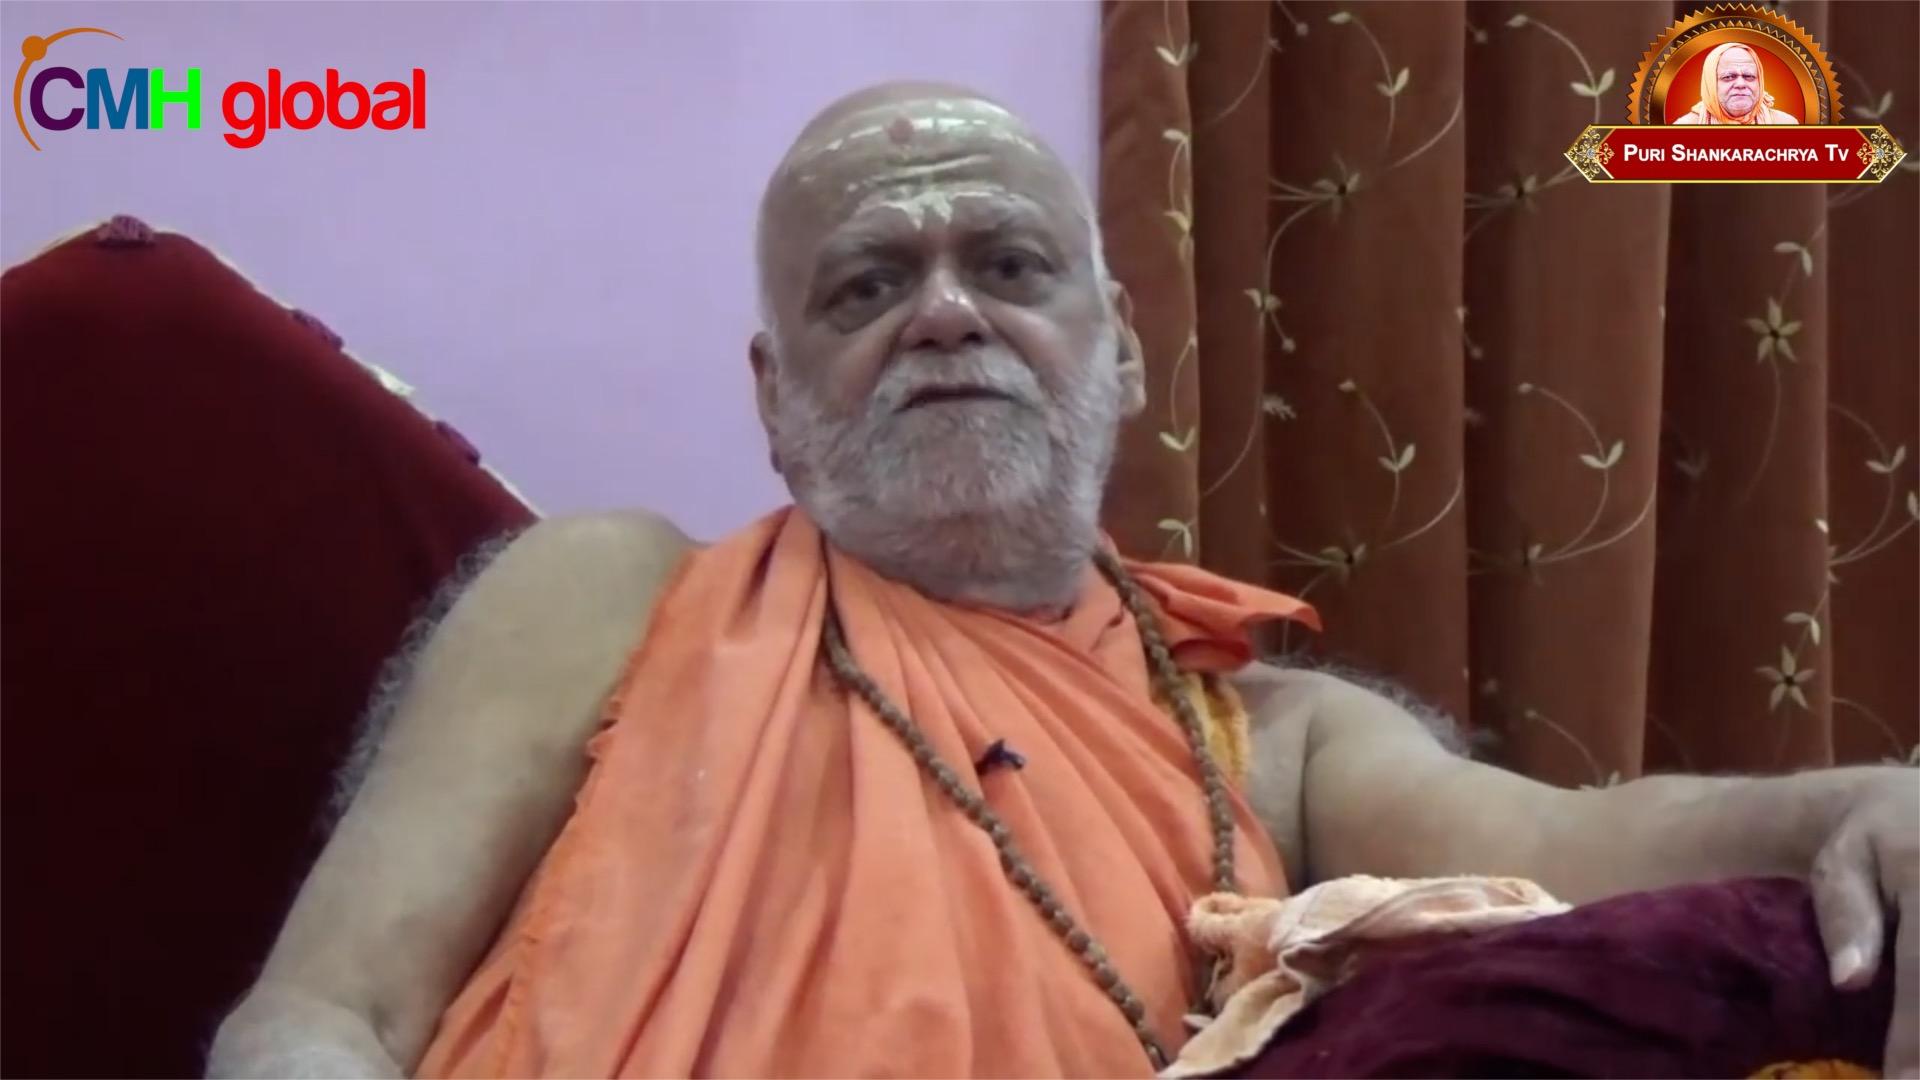 Gyan Dhara Ep -55 by Puri Shankaracharya Swami Nishchalananda Saraswati Ji